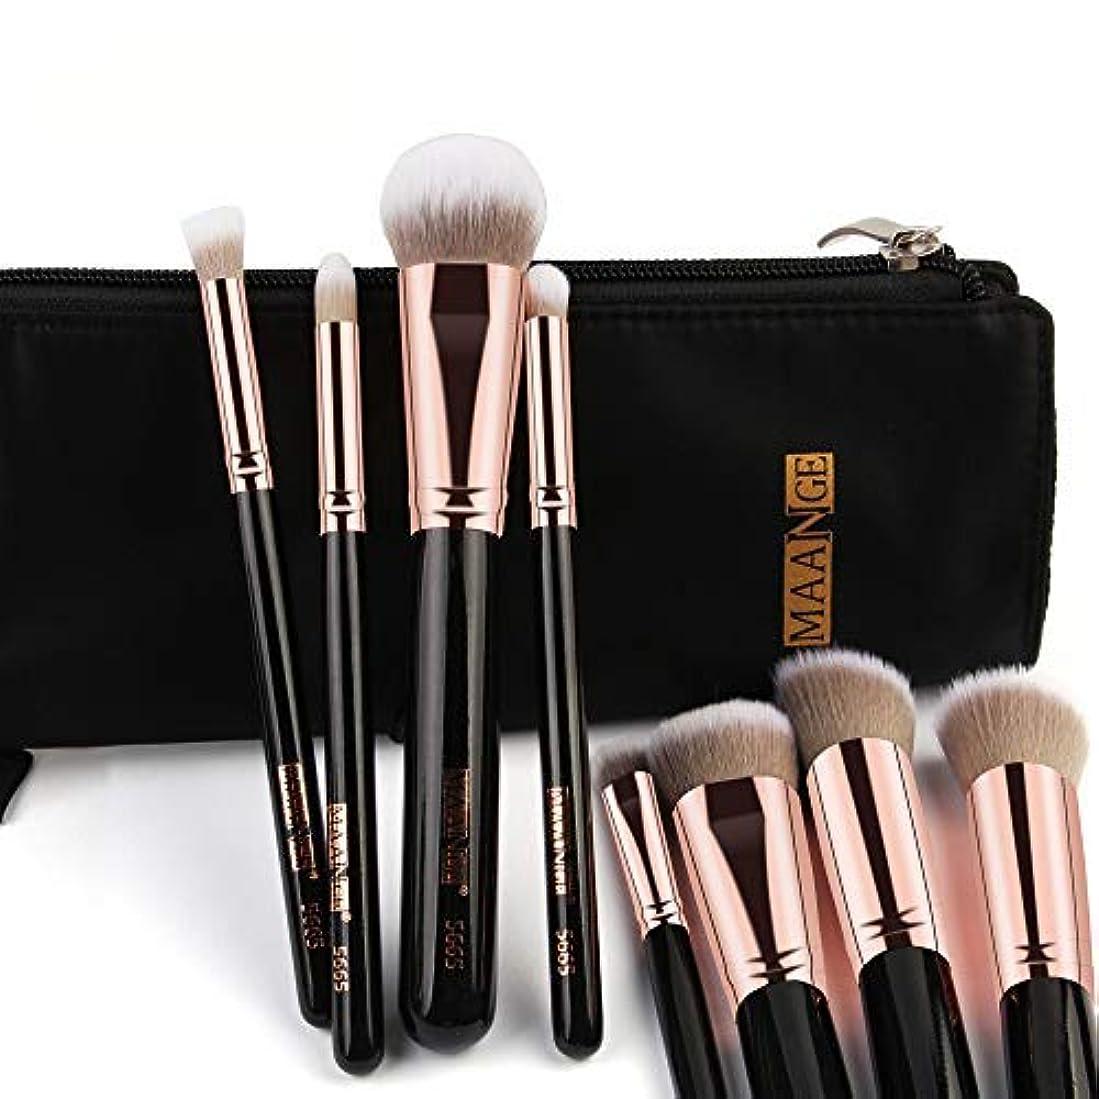 是正するログどのくらいの頻度でジンリガーデン美容ツールポータブル化粧ブラシセット初心者のための化粧筆コンビネーションツール一式ハイエンド化粧ブラシセット+パフ